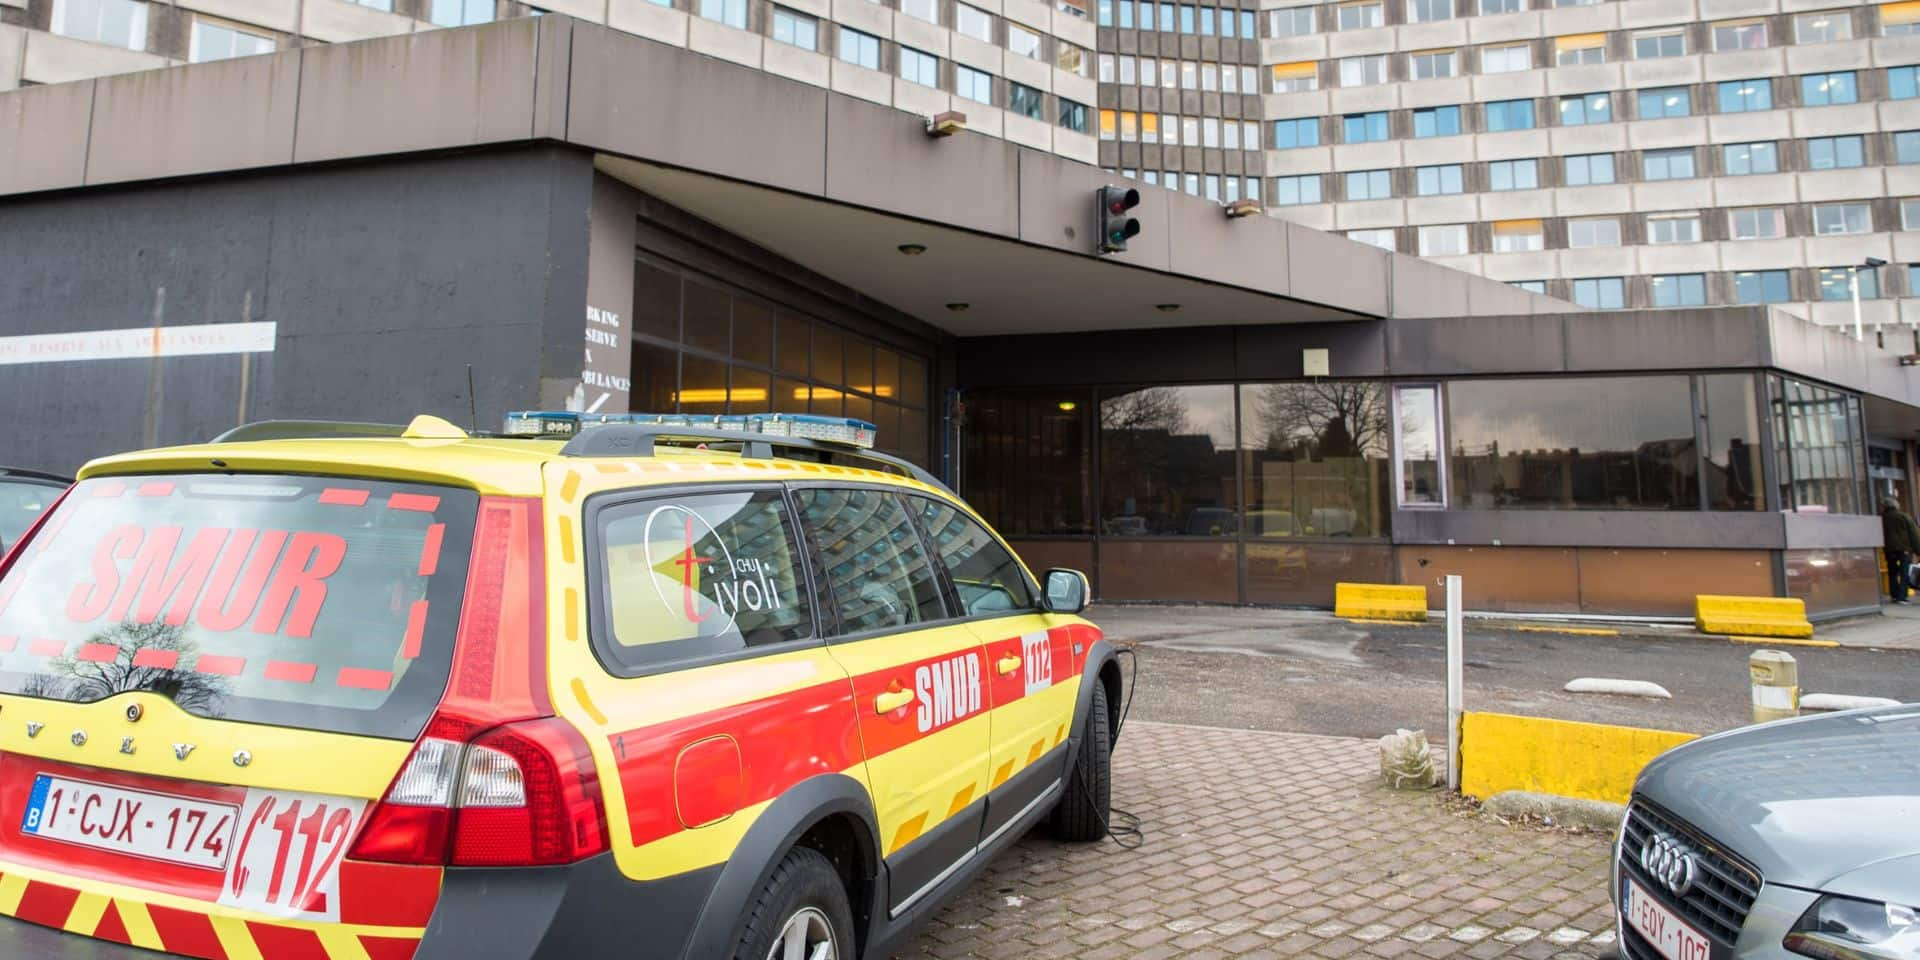 Pic de Covid-19 dans les prochains jours: les hôpitaux du Centre prêts à faire face